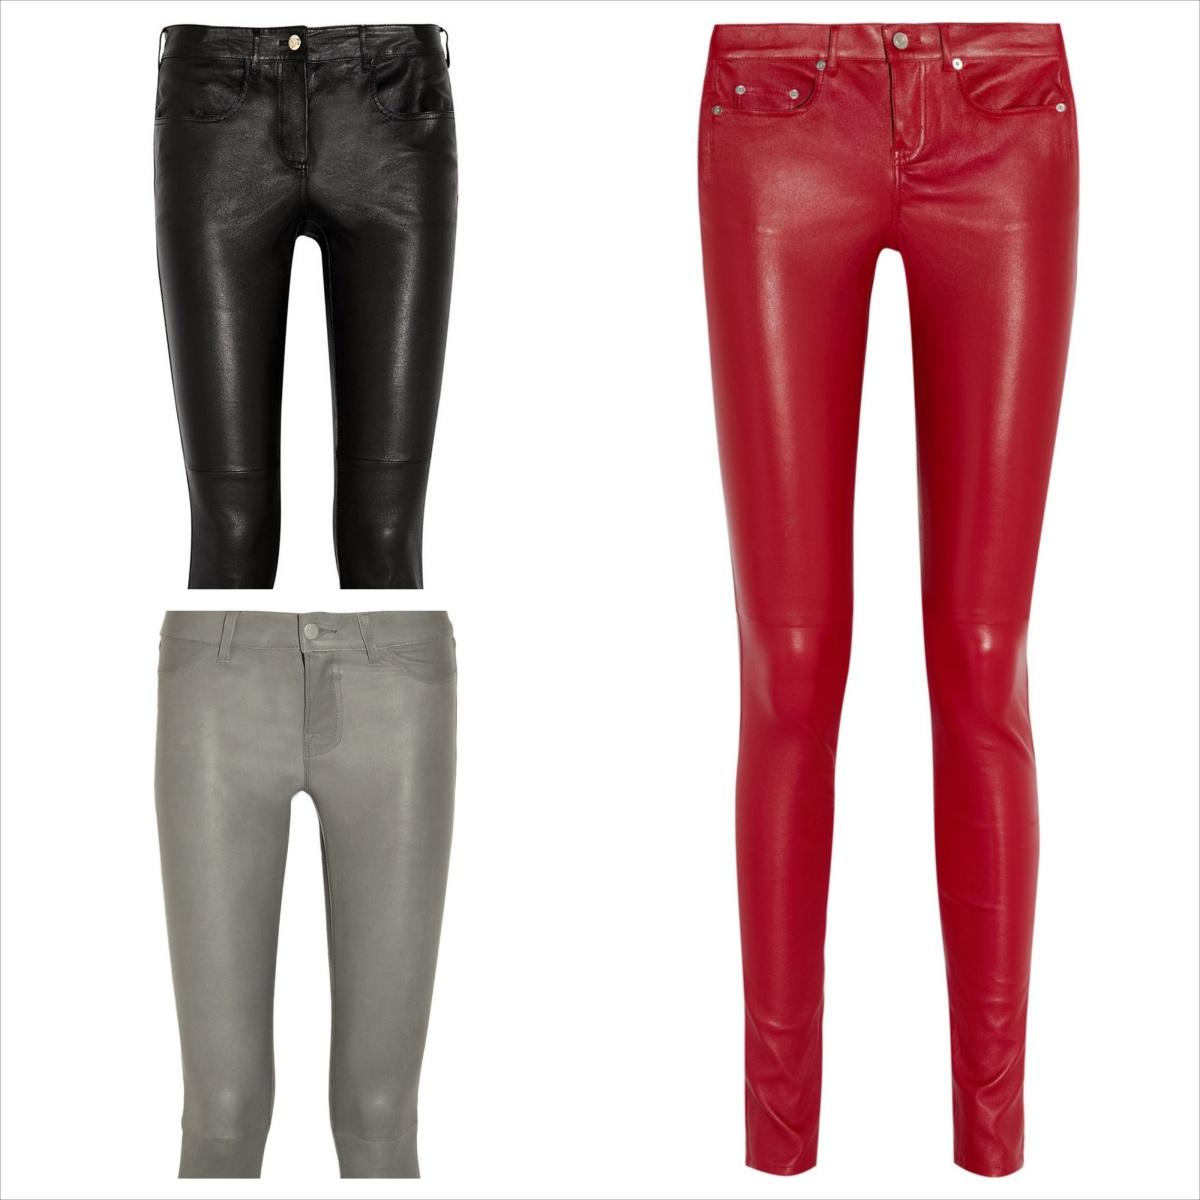 62f0fc58f30e Best leather pants fall 2013